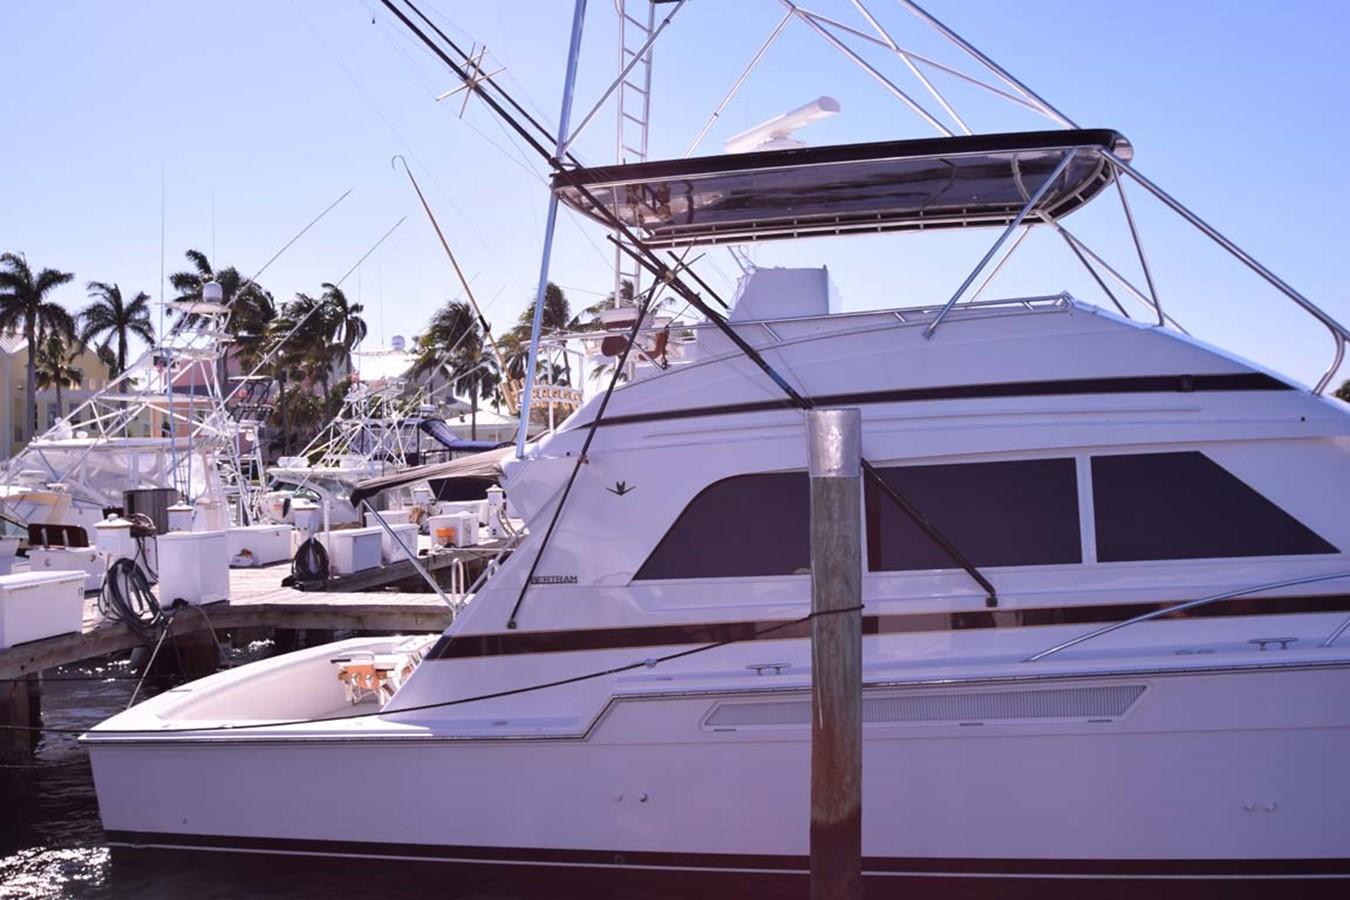 Profile at Dock 1998 BERTRAM 60 Convertible Sport Fisherman 2531920